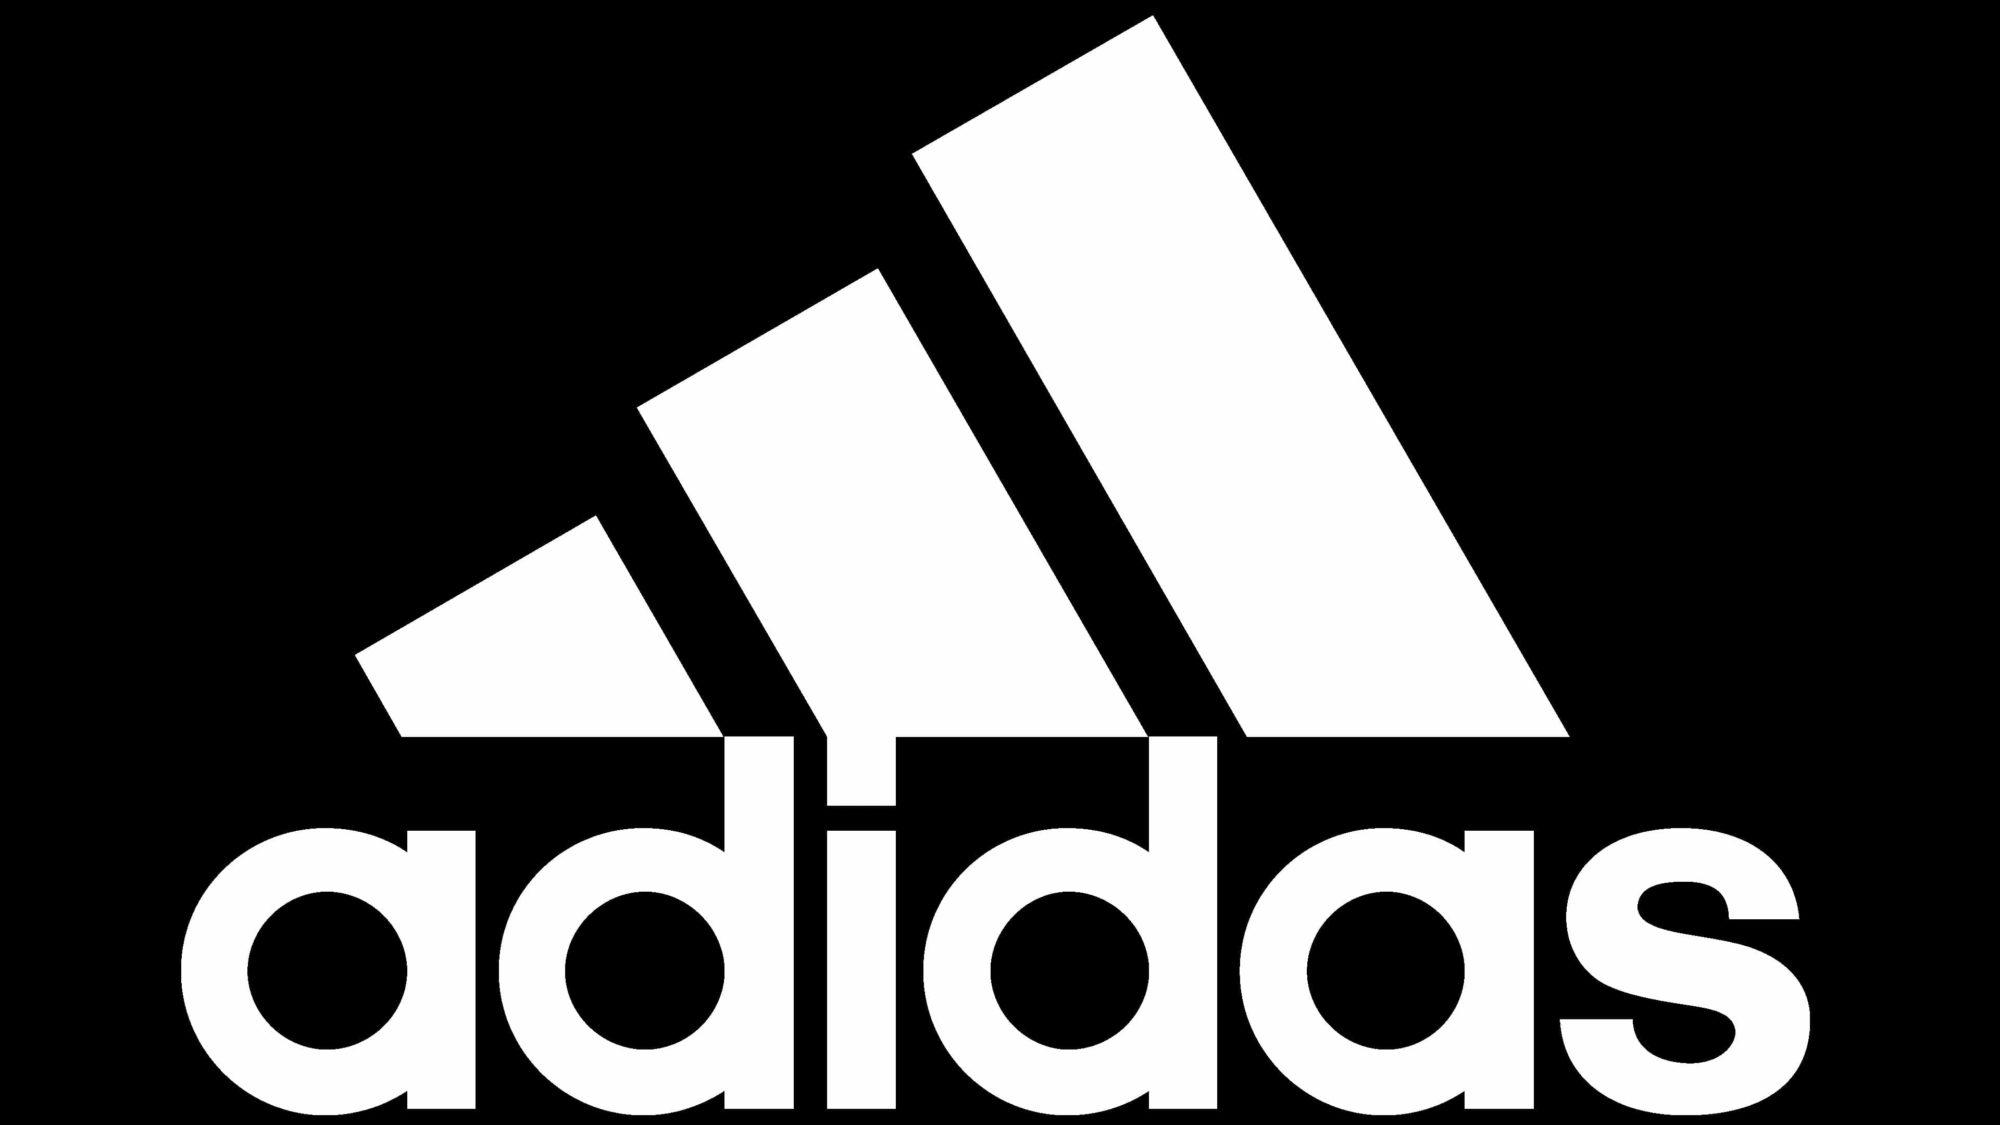 品牌标志色彩